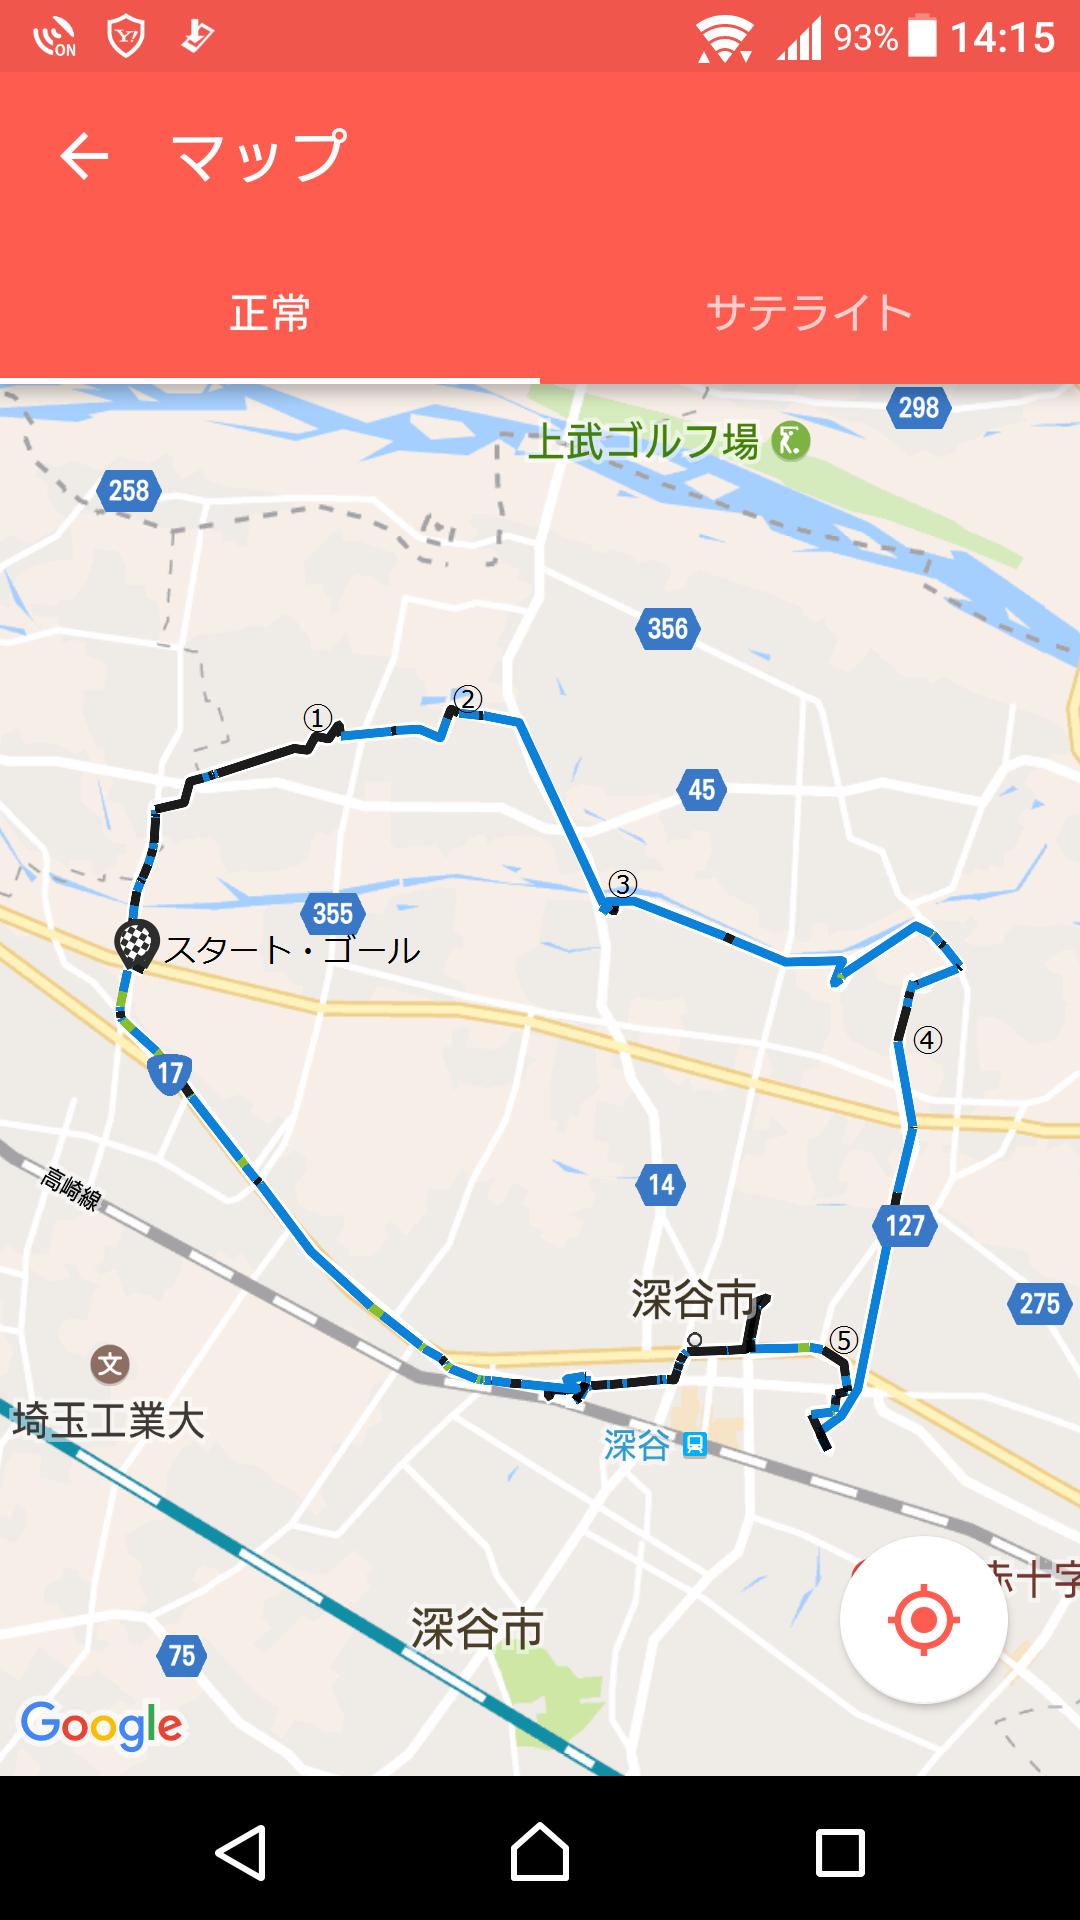 f:id:ynakayama27:20170206145649p:plain